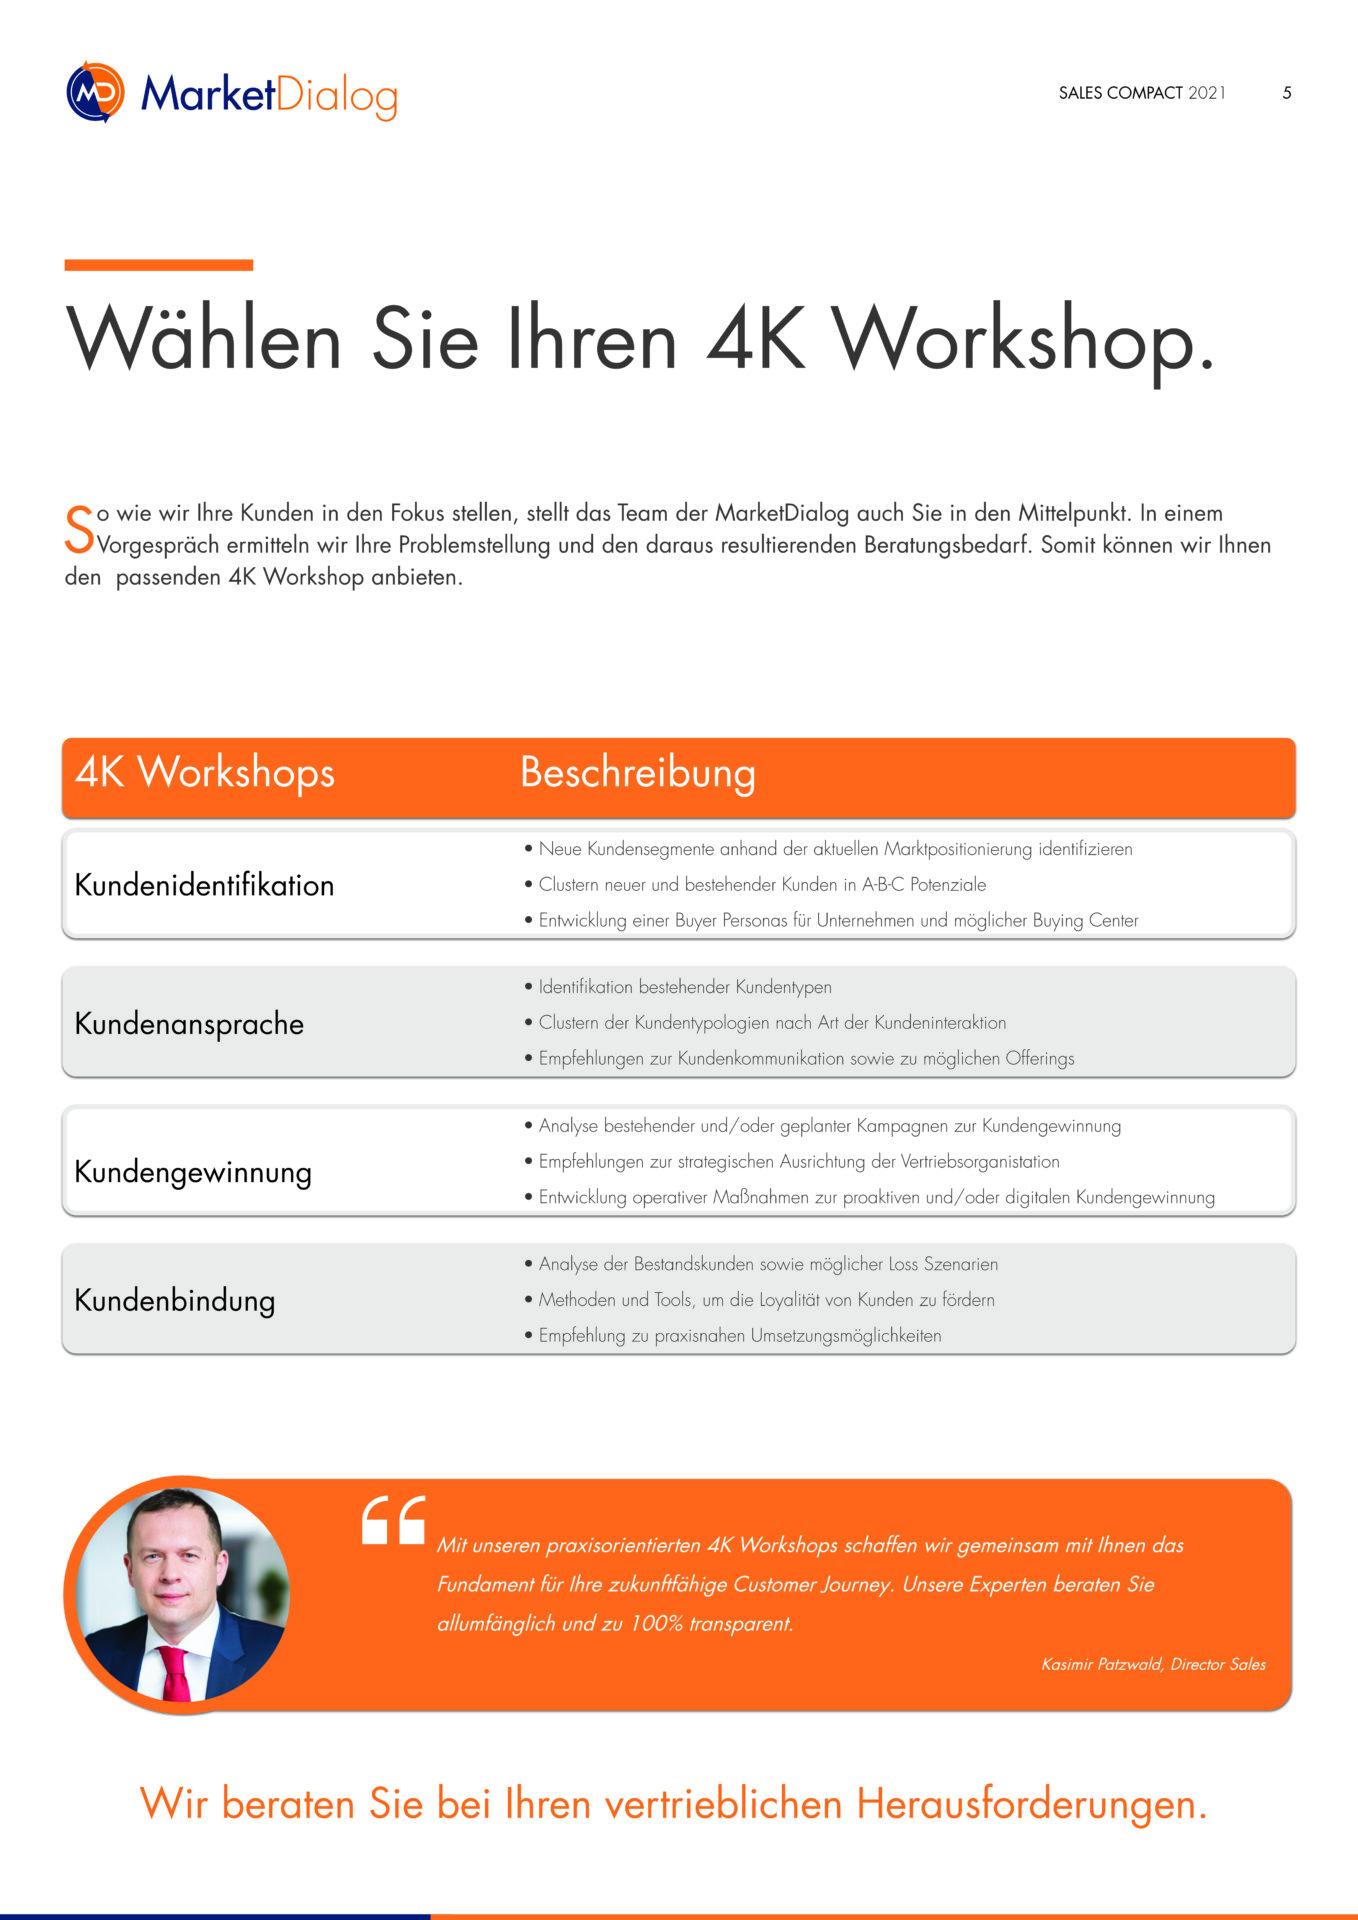 4K_Workshop_Der_Kunde_im_Fokus_MarketDialog_Website_Info_Paper_V